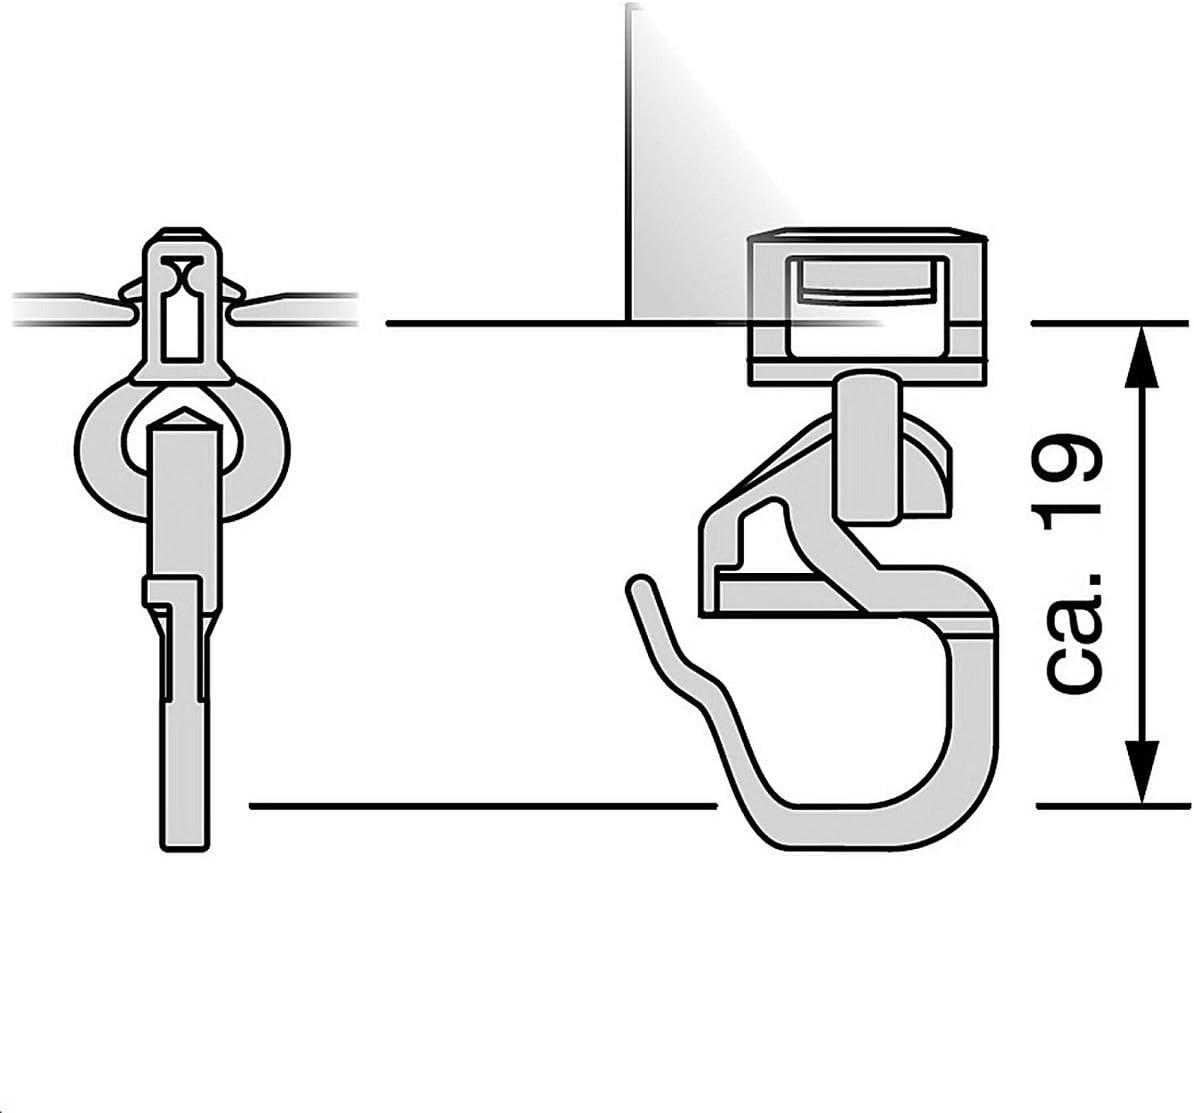 Kunststoff Gardinen Clic-Gleiter mit Faltenhaken kurz HINNO HC 91 f/ür Gardinenschienen aus Holz BZW